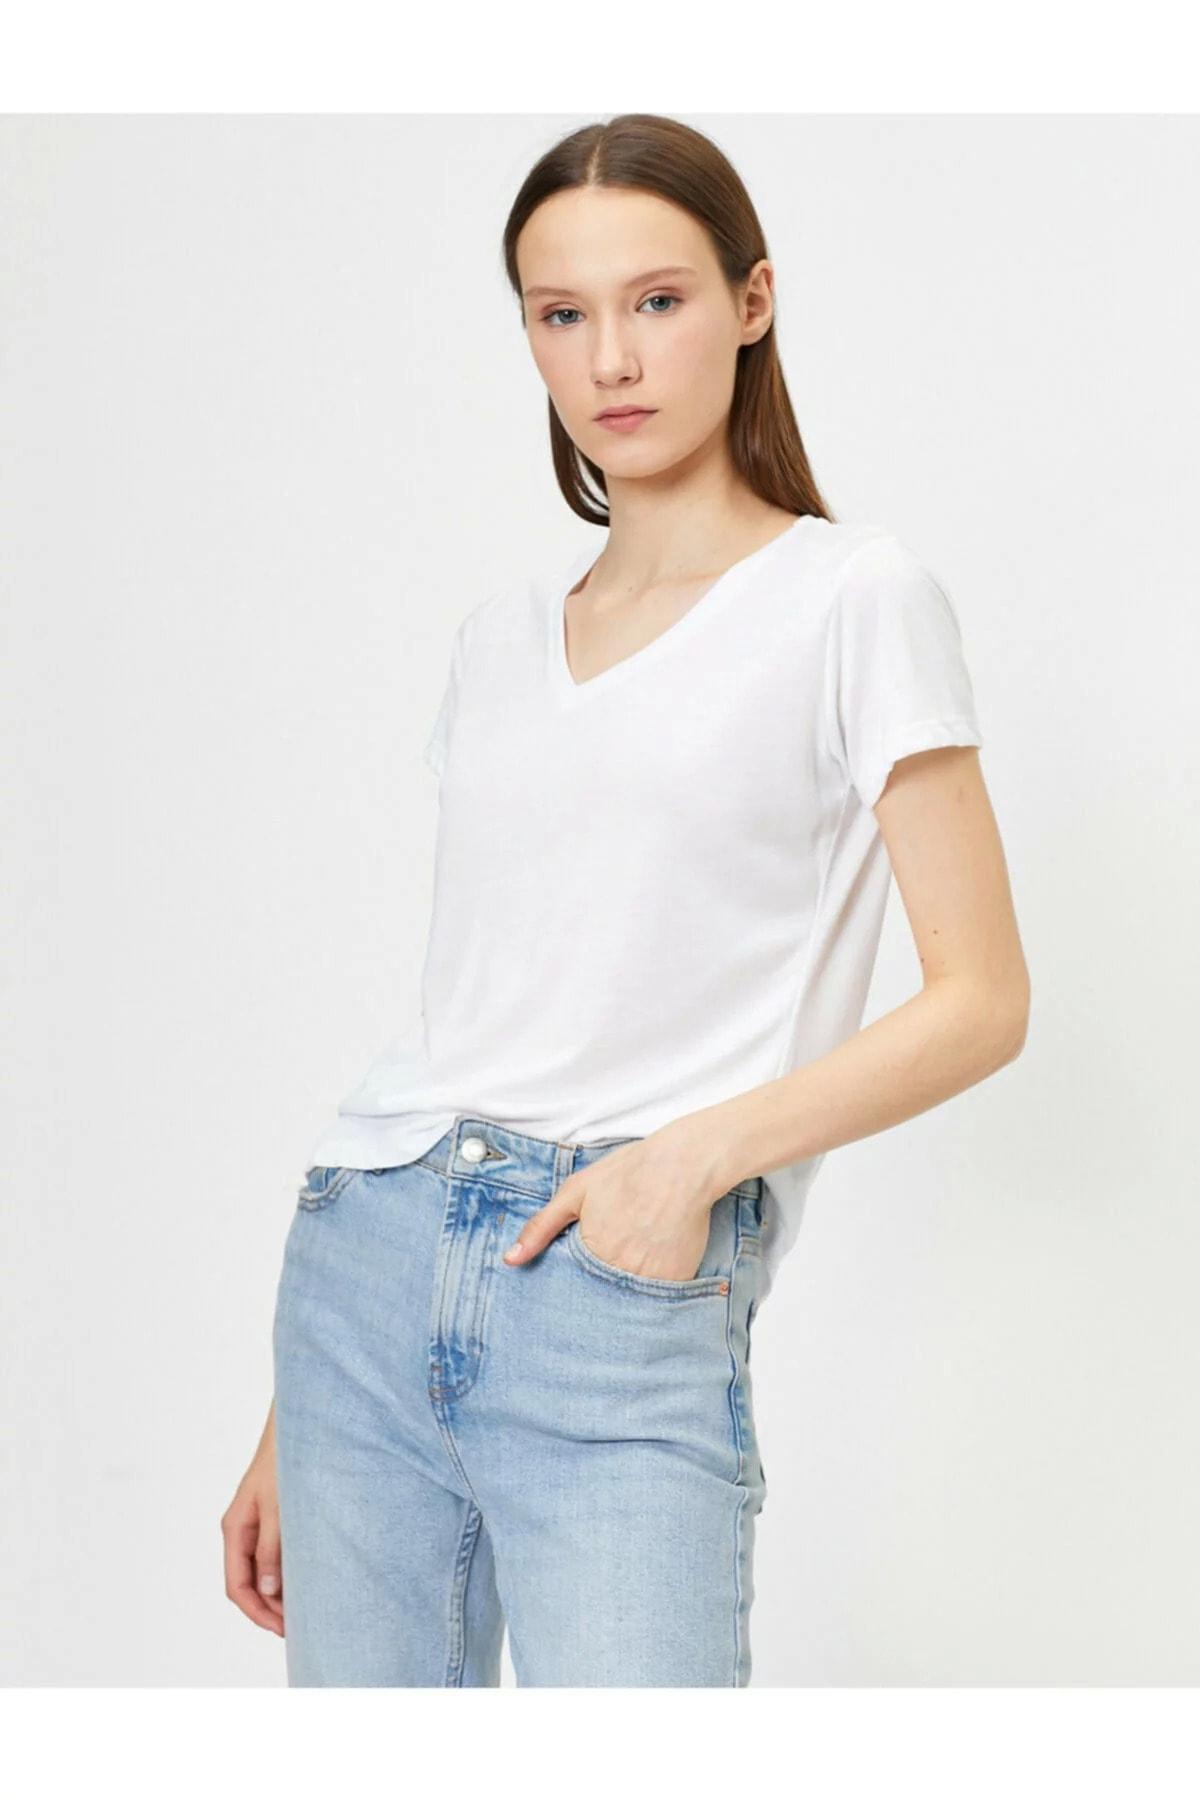 ست تیشرت زنانه برند کوتون کد ty34636315